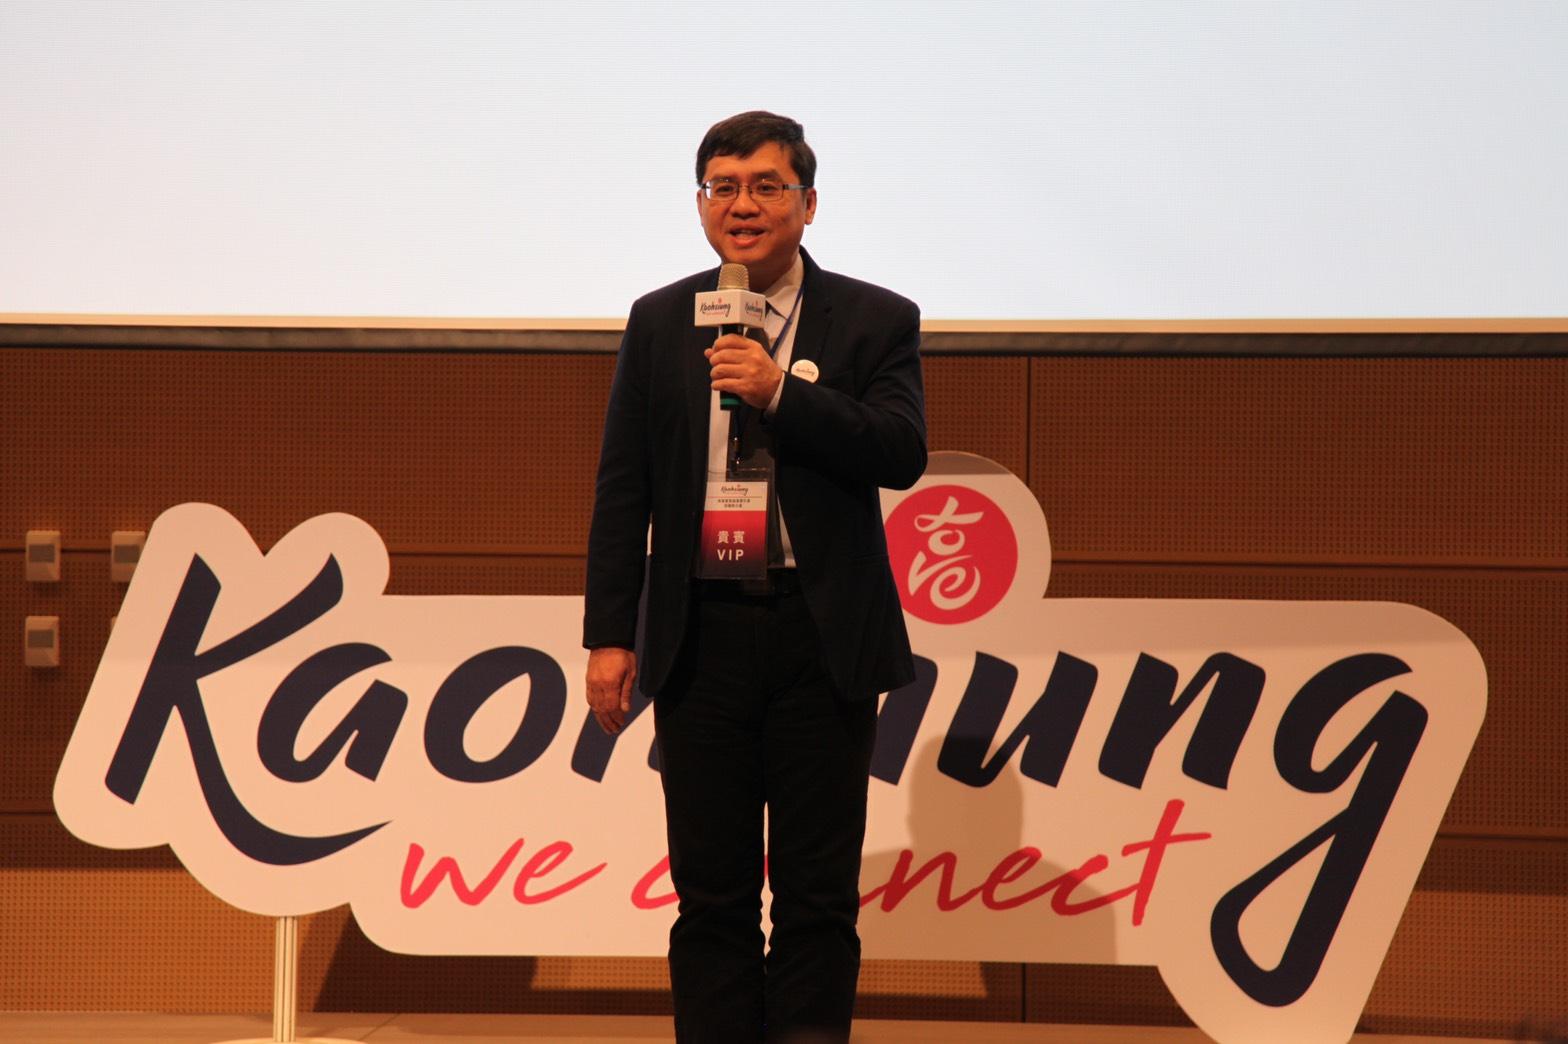 高雄會展論壇結合商機媒合 建立買賣家交流平台 力促國際會議於高雄舉辦